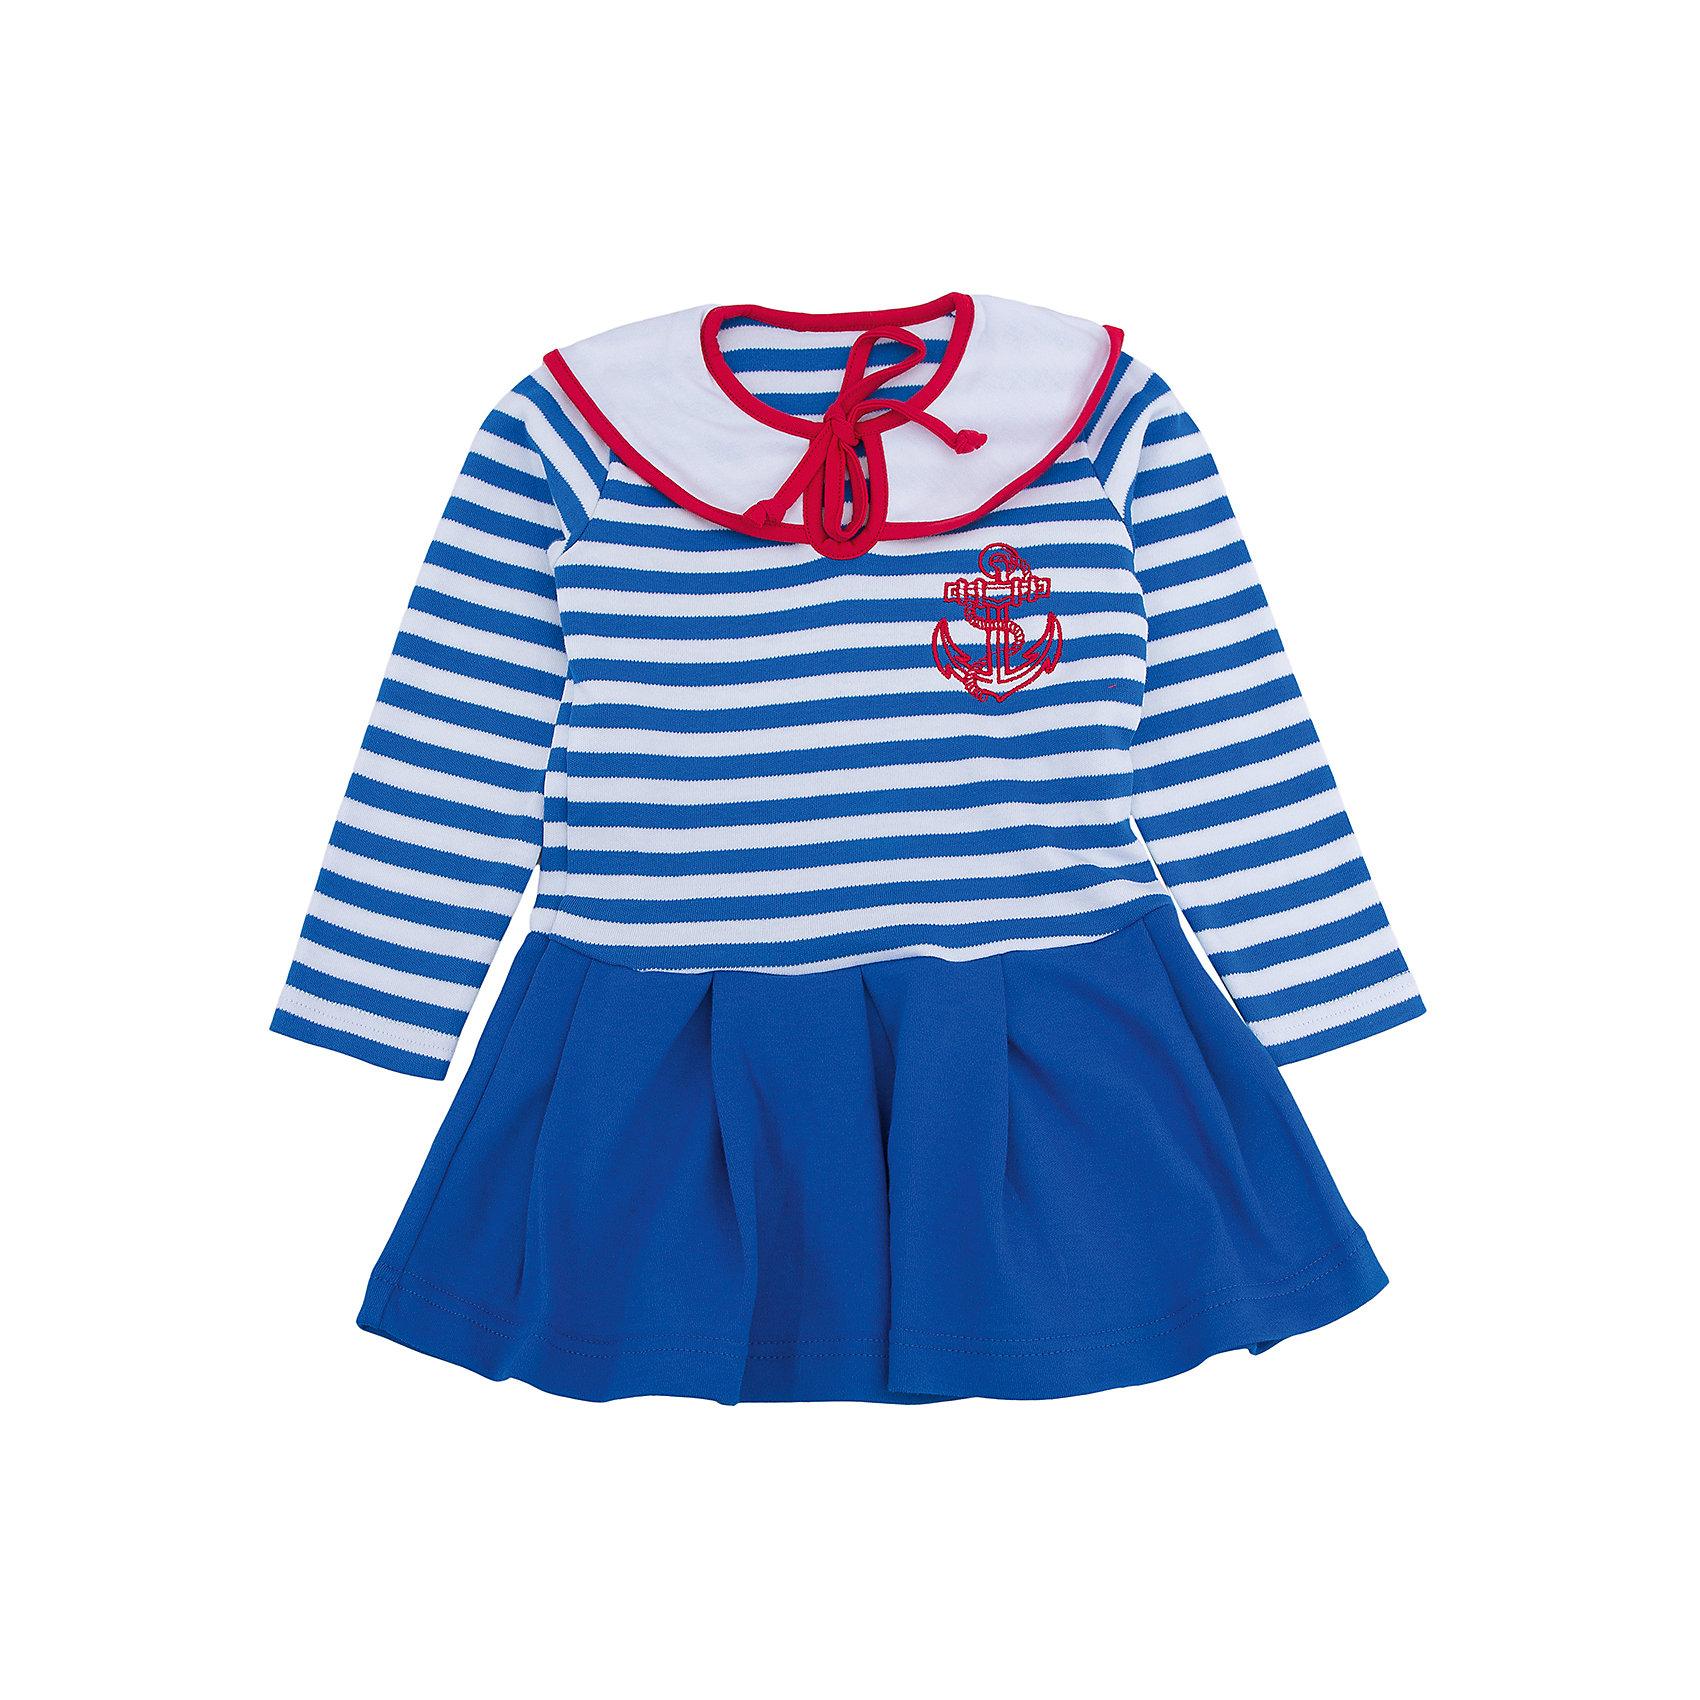 Платье для девочки АпрельПлатья и сарафаны<br>Платье для девочки Апрель.<br><br>Характеристики:<br><br>• 100% хлопок<br>• рукав: длинный<br>• коллекция: Круиз<br>• цвет: бело-синий в полоску<br><br>Стильное платье Апрель на морскую тематику понравится каждой девочке. Оно изготовлено из качественного хлопка, приятного на ощупь и отлично сидит по фигуре. Необычный дизайн платья включает в себя: подол с оборками, верх в полоску, нагрудник с завязками и вышивка на груди. Платье отлично подойдет и на каждый день, и на костюмированную вечеринку.<br><br>Платье для девочки Апрель вы можете купить в нашем интернет-магазине.<br><br>Ширина мм: 236<br>Глубина мм: 16<br>Высота мм: 184<br>Вес г: 177<br>Цвет: сине-белый<br>Возраст от месяцев: 18<br>Возраст до месяцев: 24<br>Пол: Женский<br>Возраст: Детский<br>Размер: 92,116,98,104,110<br>SKU: 5006851